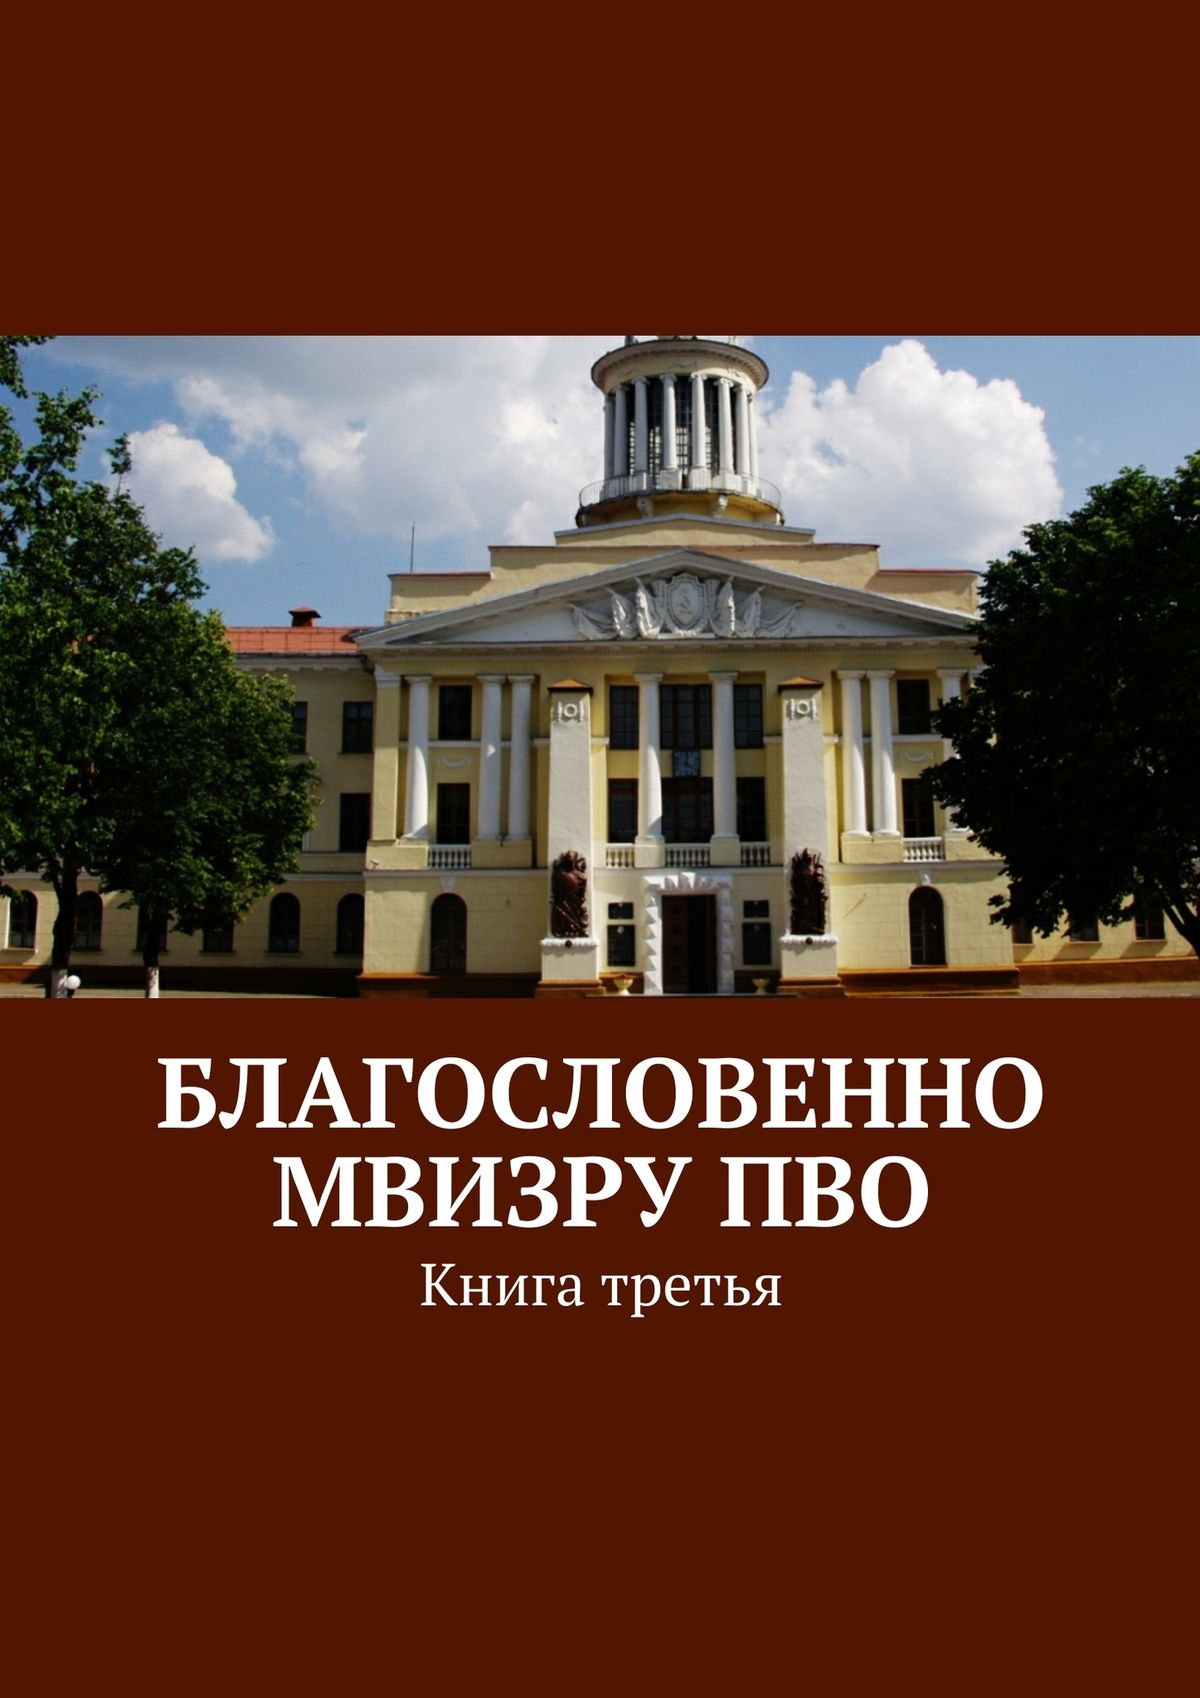 Коллектив авторов Благословенно МВИЗРУПВО. Книга третья